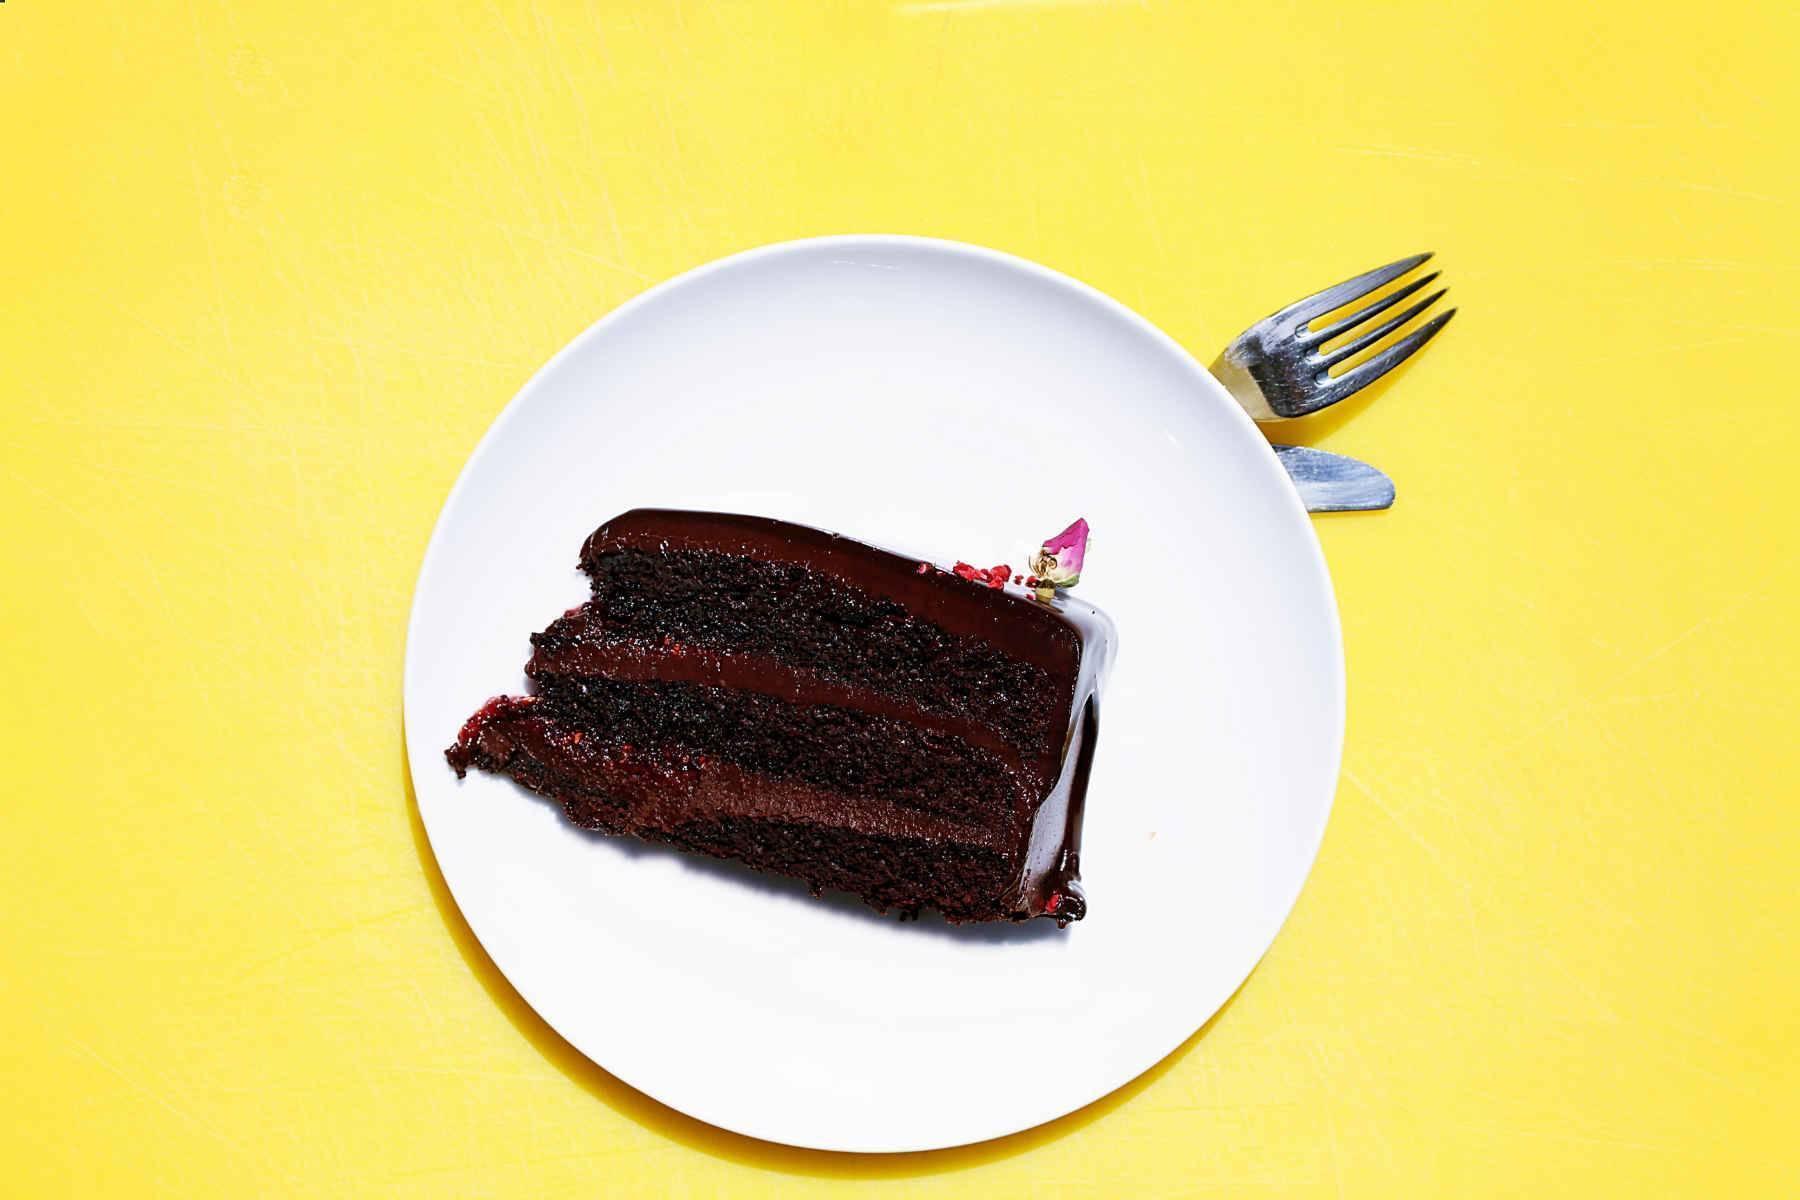 une étude révèle que le chocolat noir peut réduire le stress, l'inflammation et également améliorer la mémoire Une étude révèle que le chocolat noir peut réduire le stress, l'inflammation et également améliorer la mémoire etudes le chocolat noir peut reduire le stress et linflammation ameliorer la memoire